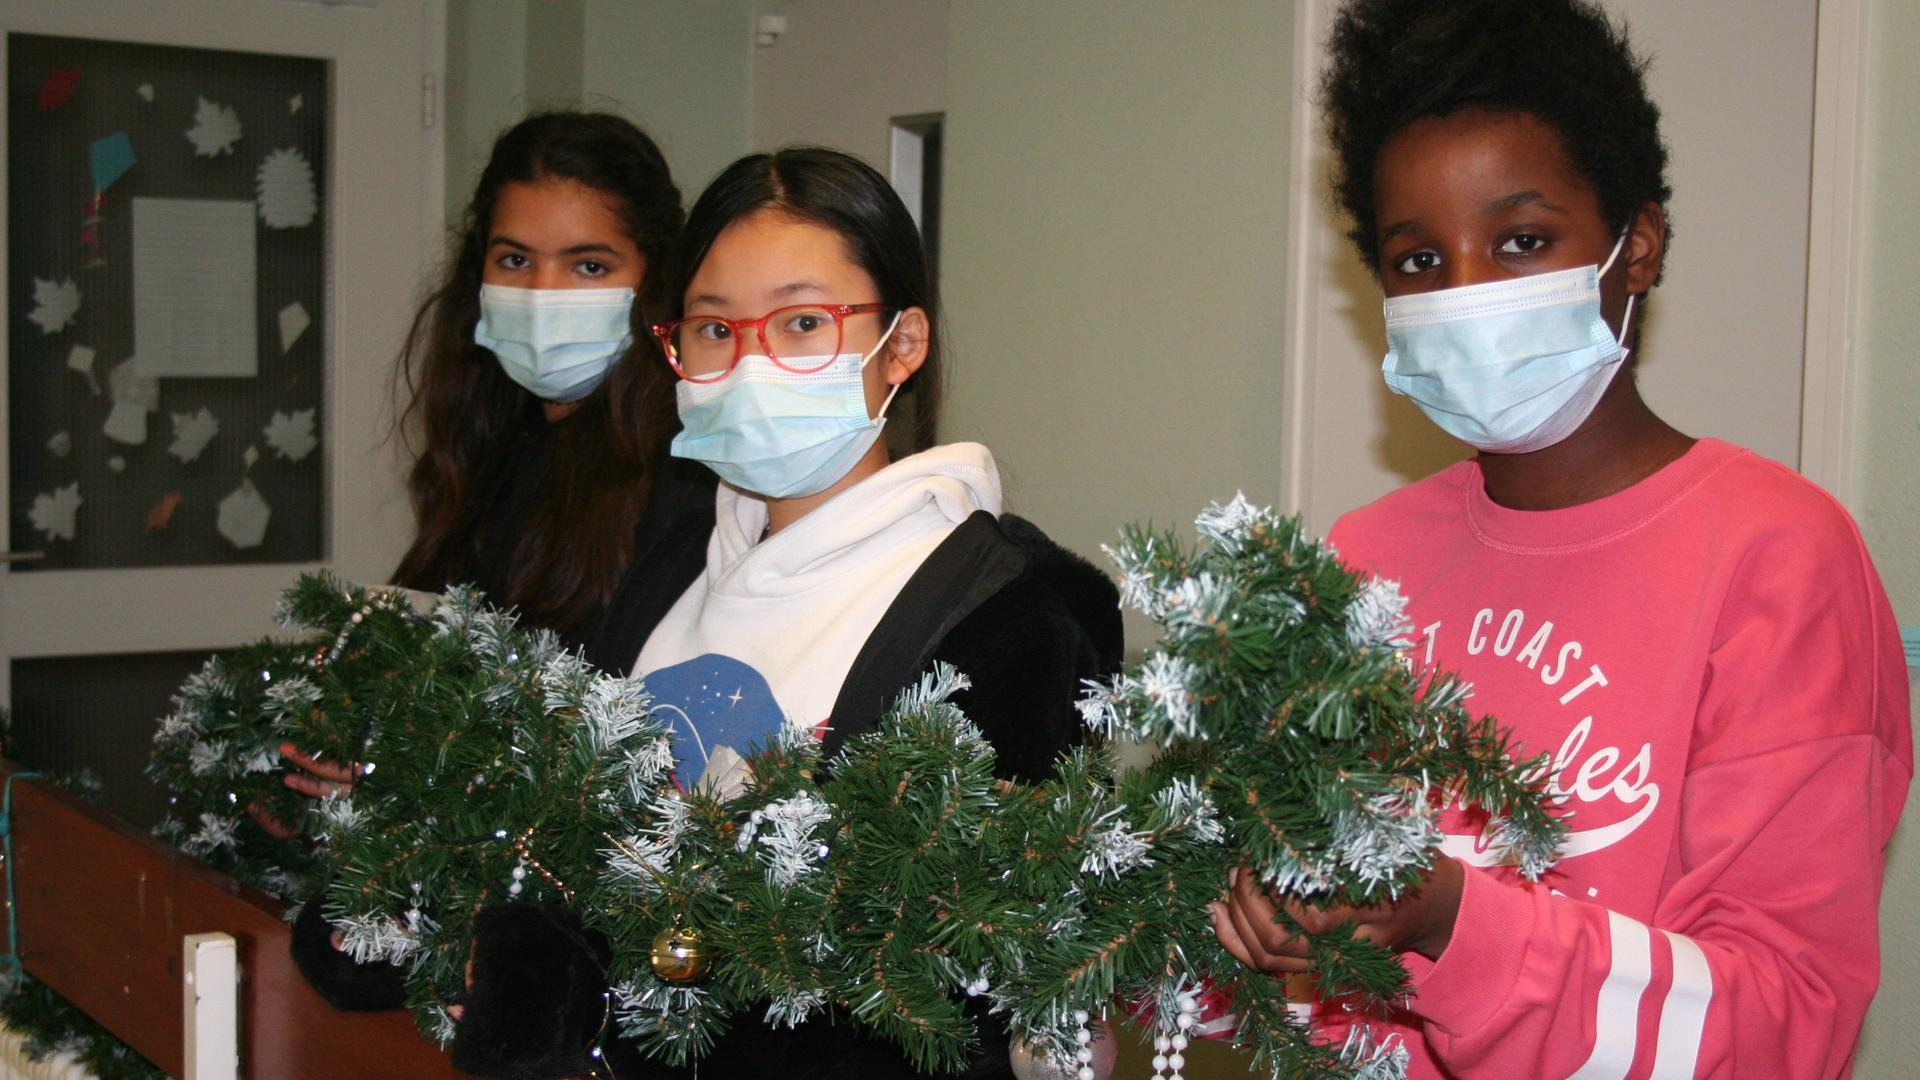 Drei Mädchen halten gemeinsam eine weihnachtlich dekorierte Tannengirlande